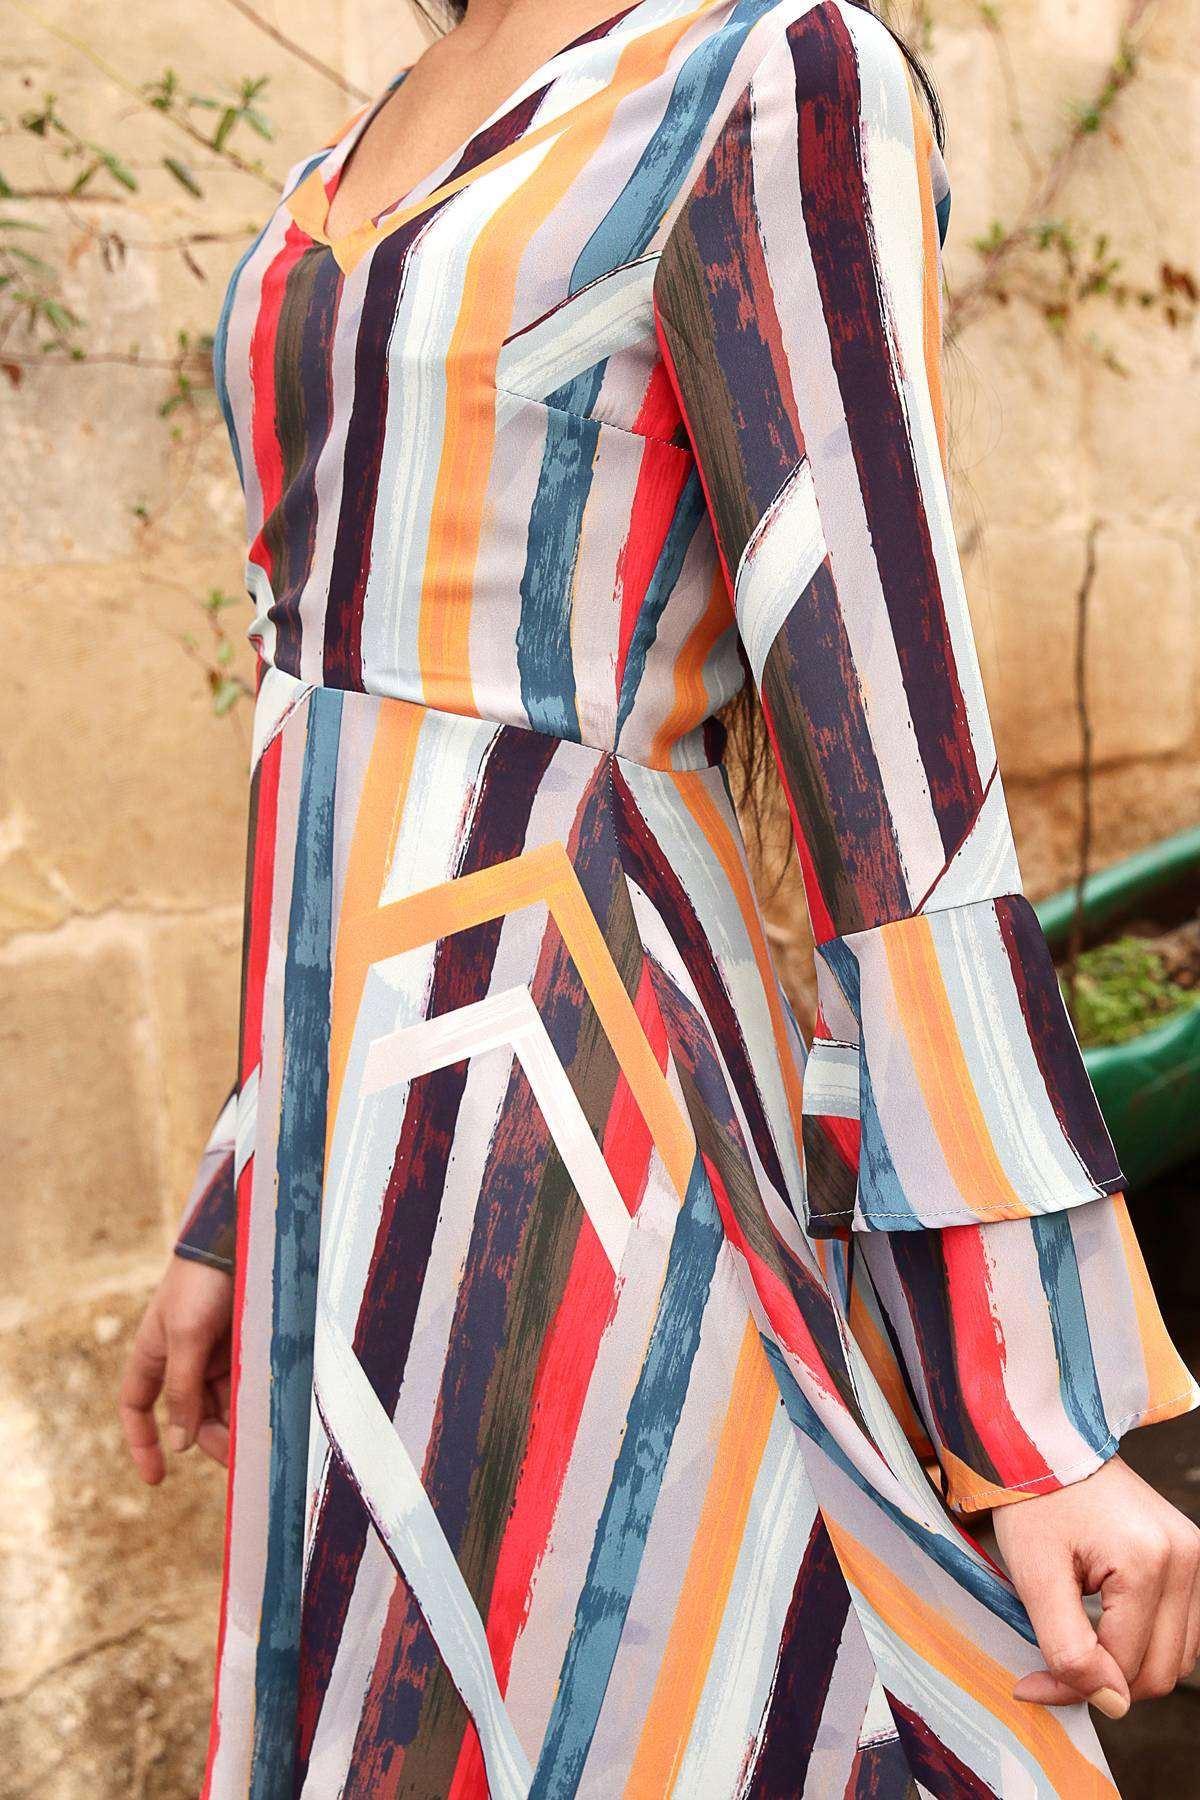 Renkli Boyama Çubuk Desenli İspanyol Fırfır Kol Midi Elbise Renkli